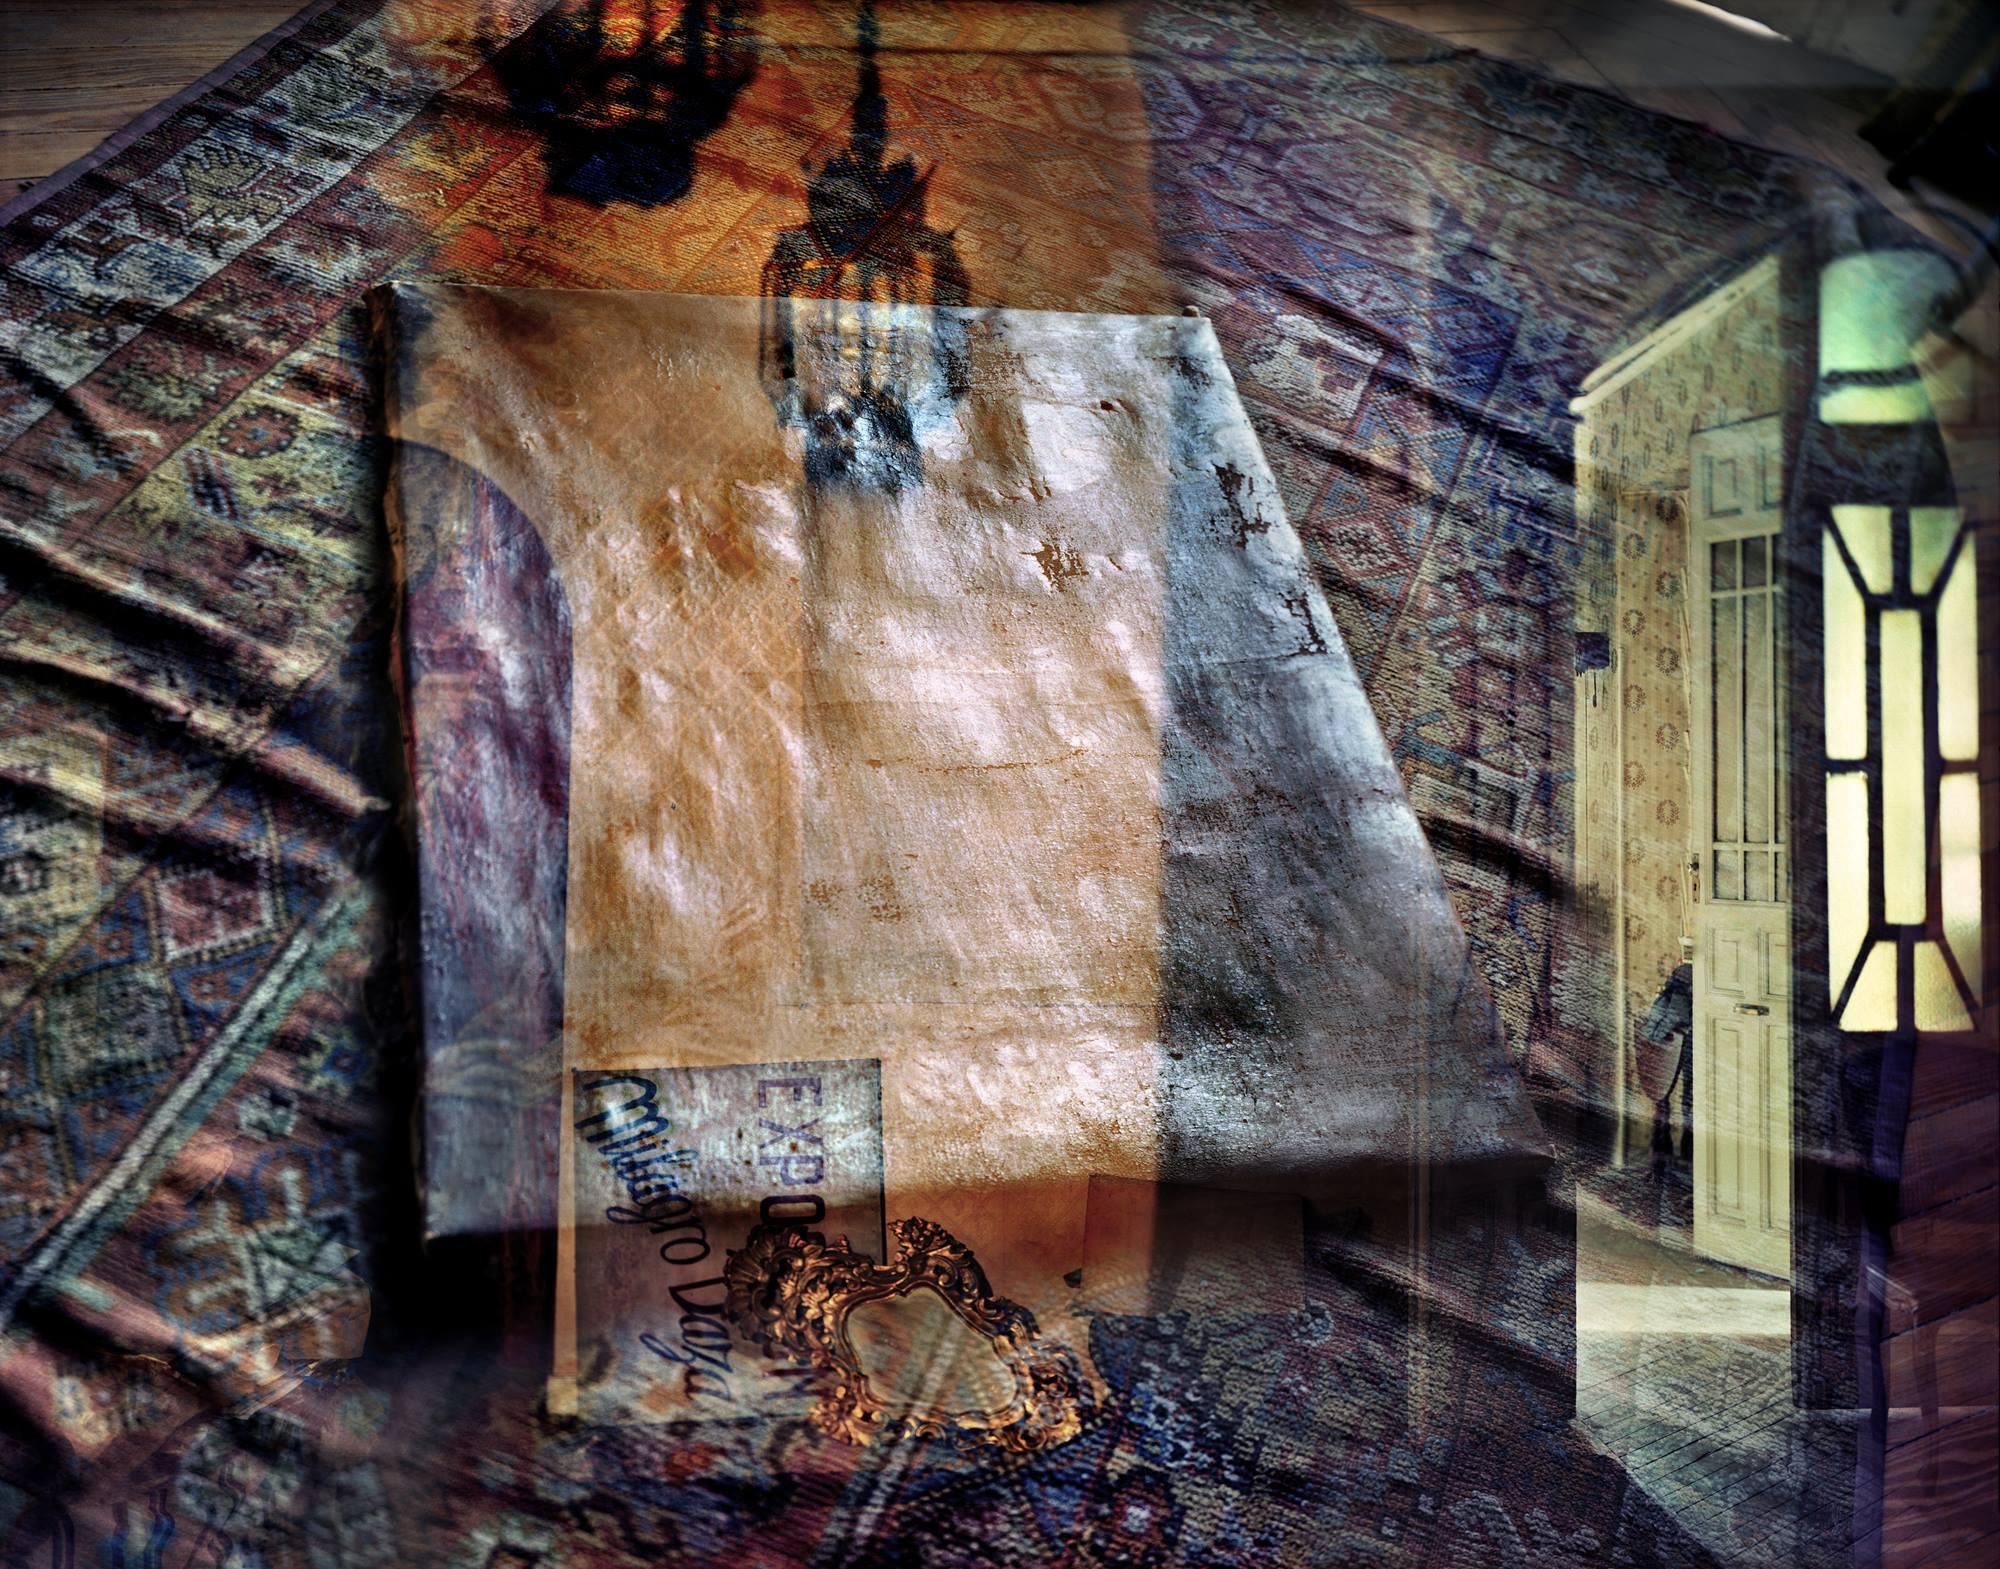 La seda rota 26, 2005<br/>Tintas pigmentadas / Inkjet